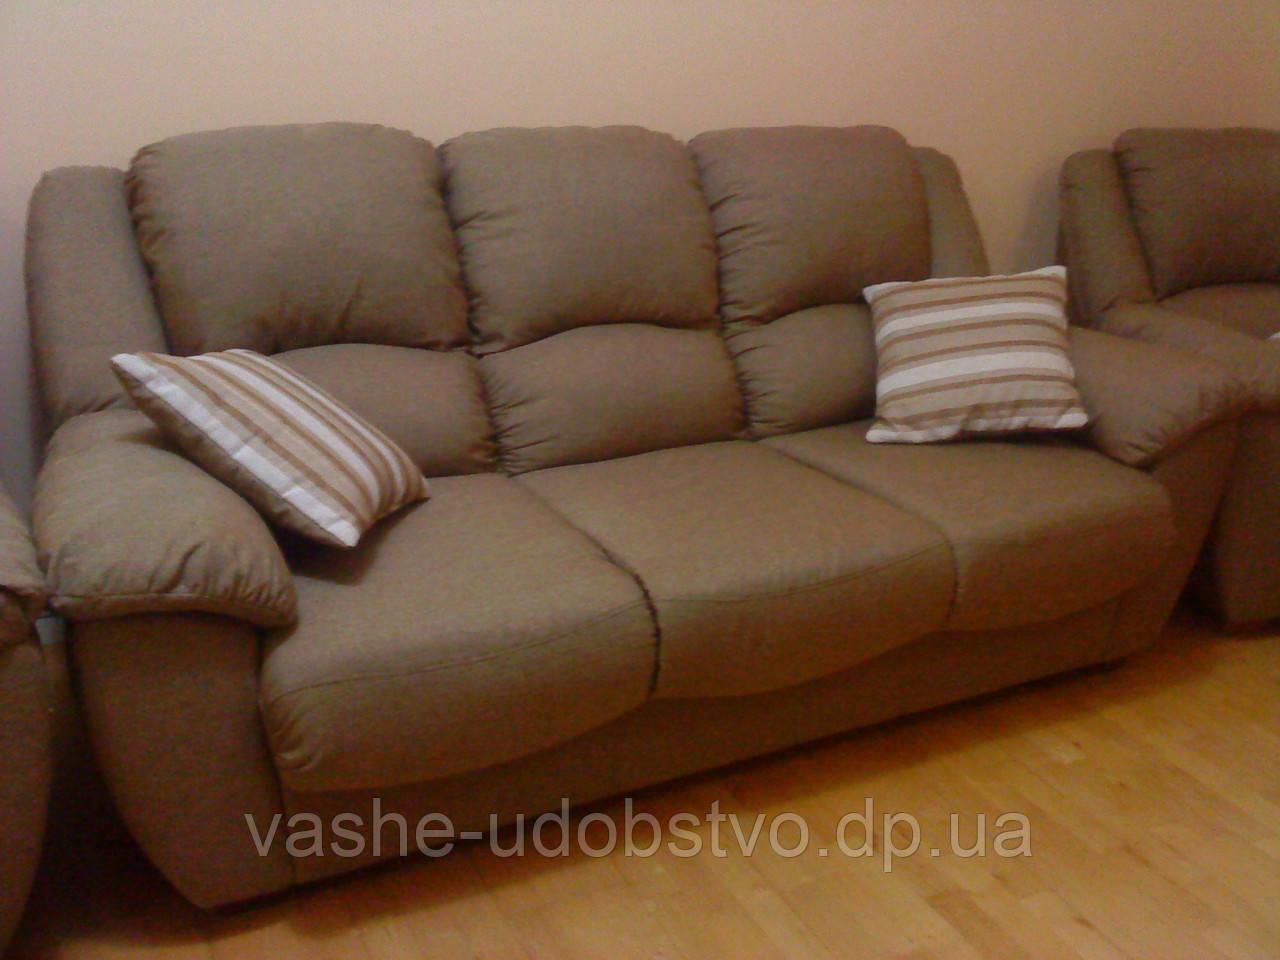 диван кровать на заказ цена 5 000 грн заказать в днепре Prom